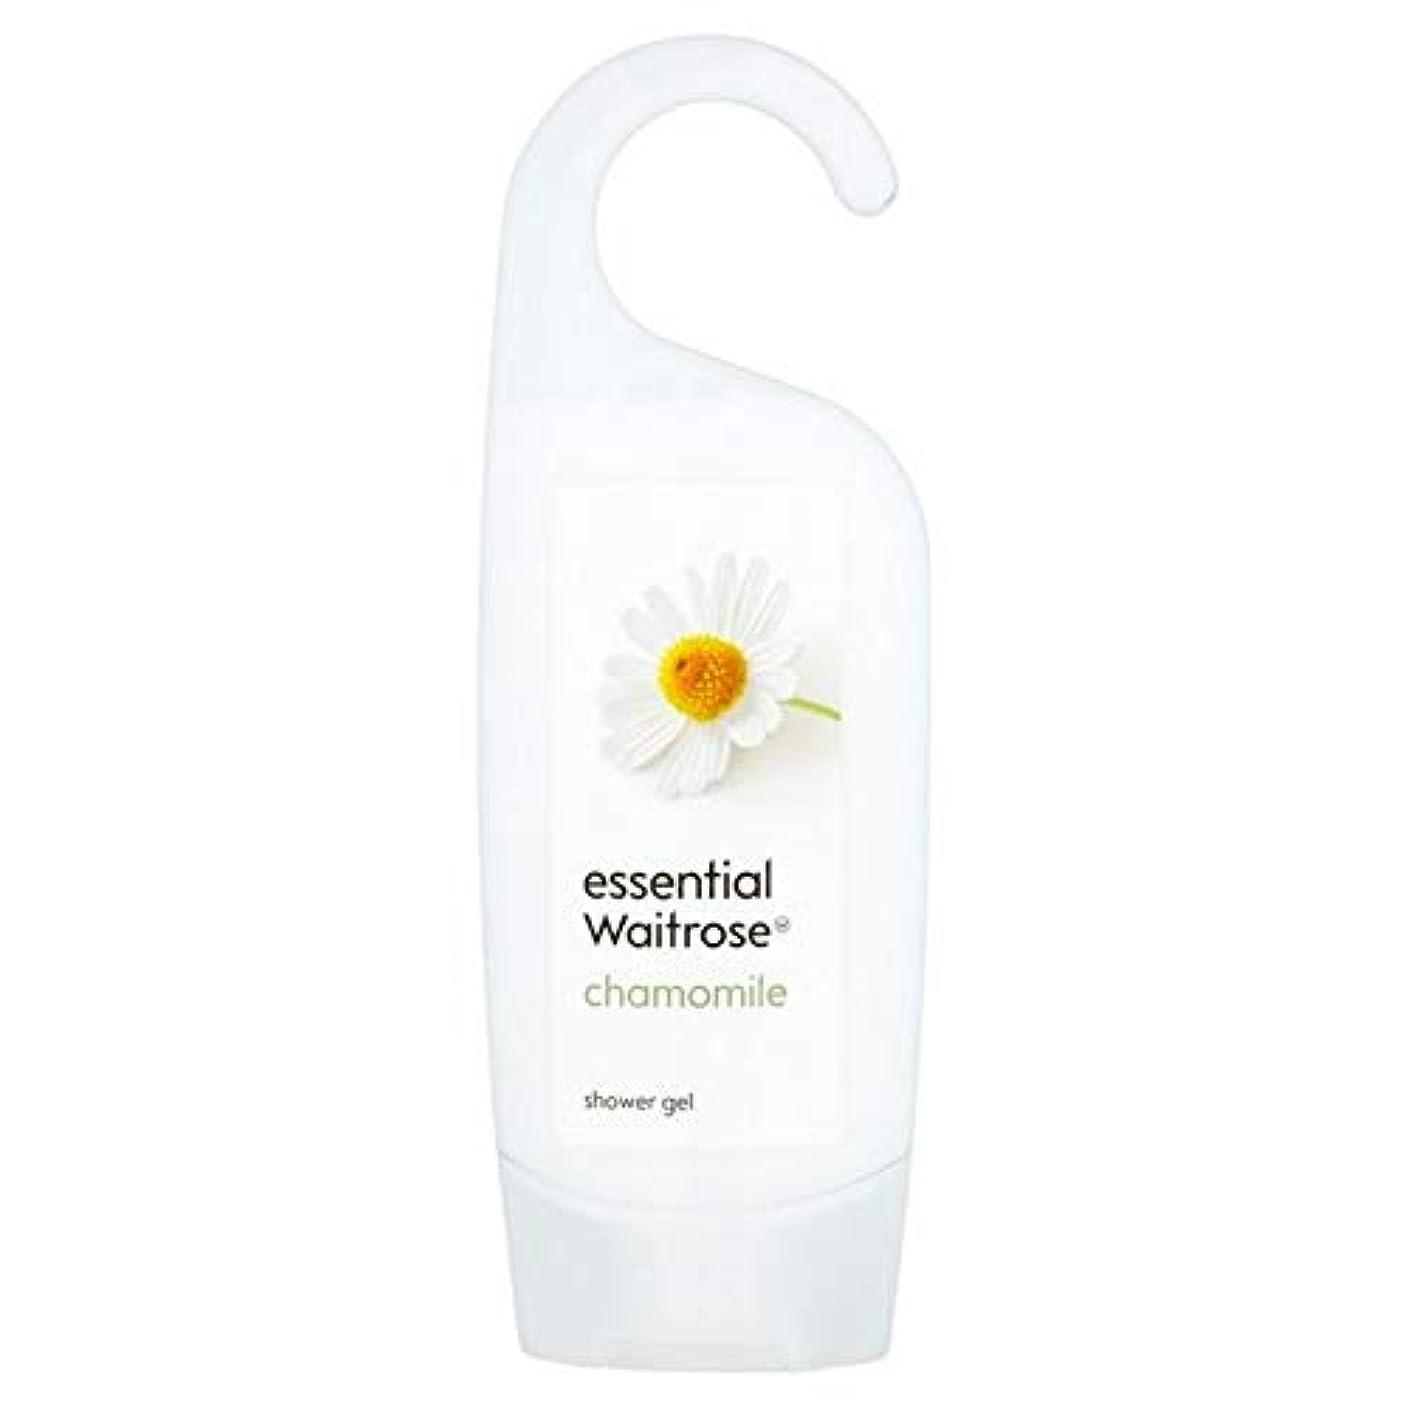 優しい成熟した突っ込む[Waitrose ] 基本的なウェイトローズカモミールシャワージェル250ミリリットル - Essential Waitrose Chamomile Shower Gel 250ml [並行輸入品]